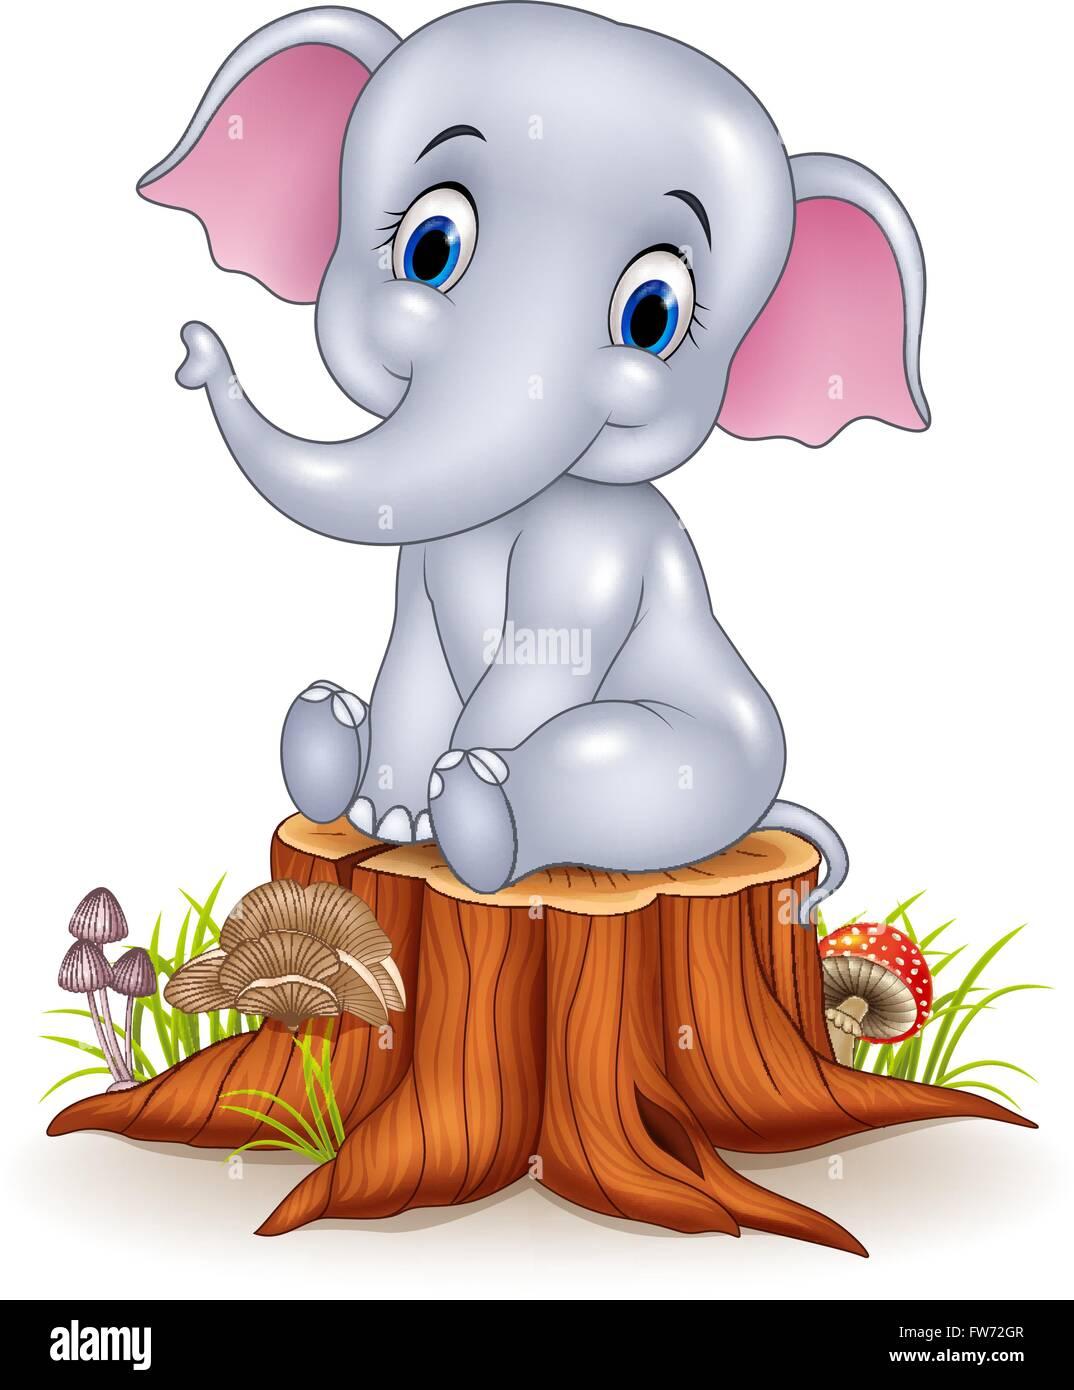 cartoon lustige baby elefant sitzt auf baumstumpf vektor abbildung bild 101573943 alamy. Black Bedroom Furniture Sets. Home Design Ideas